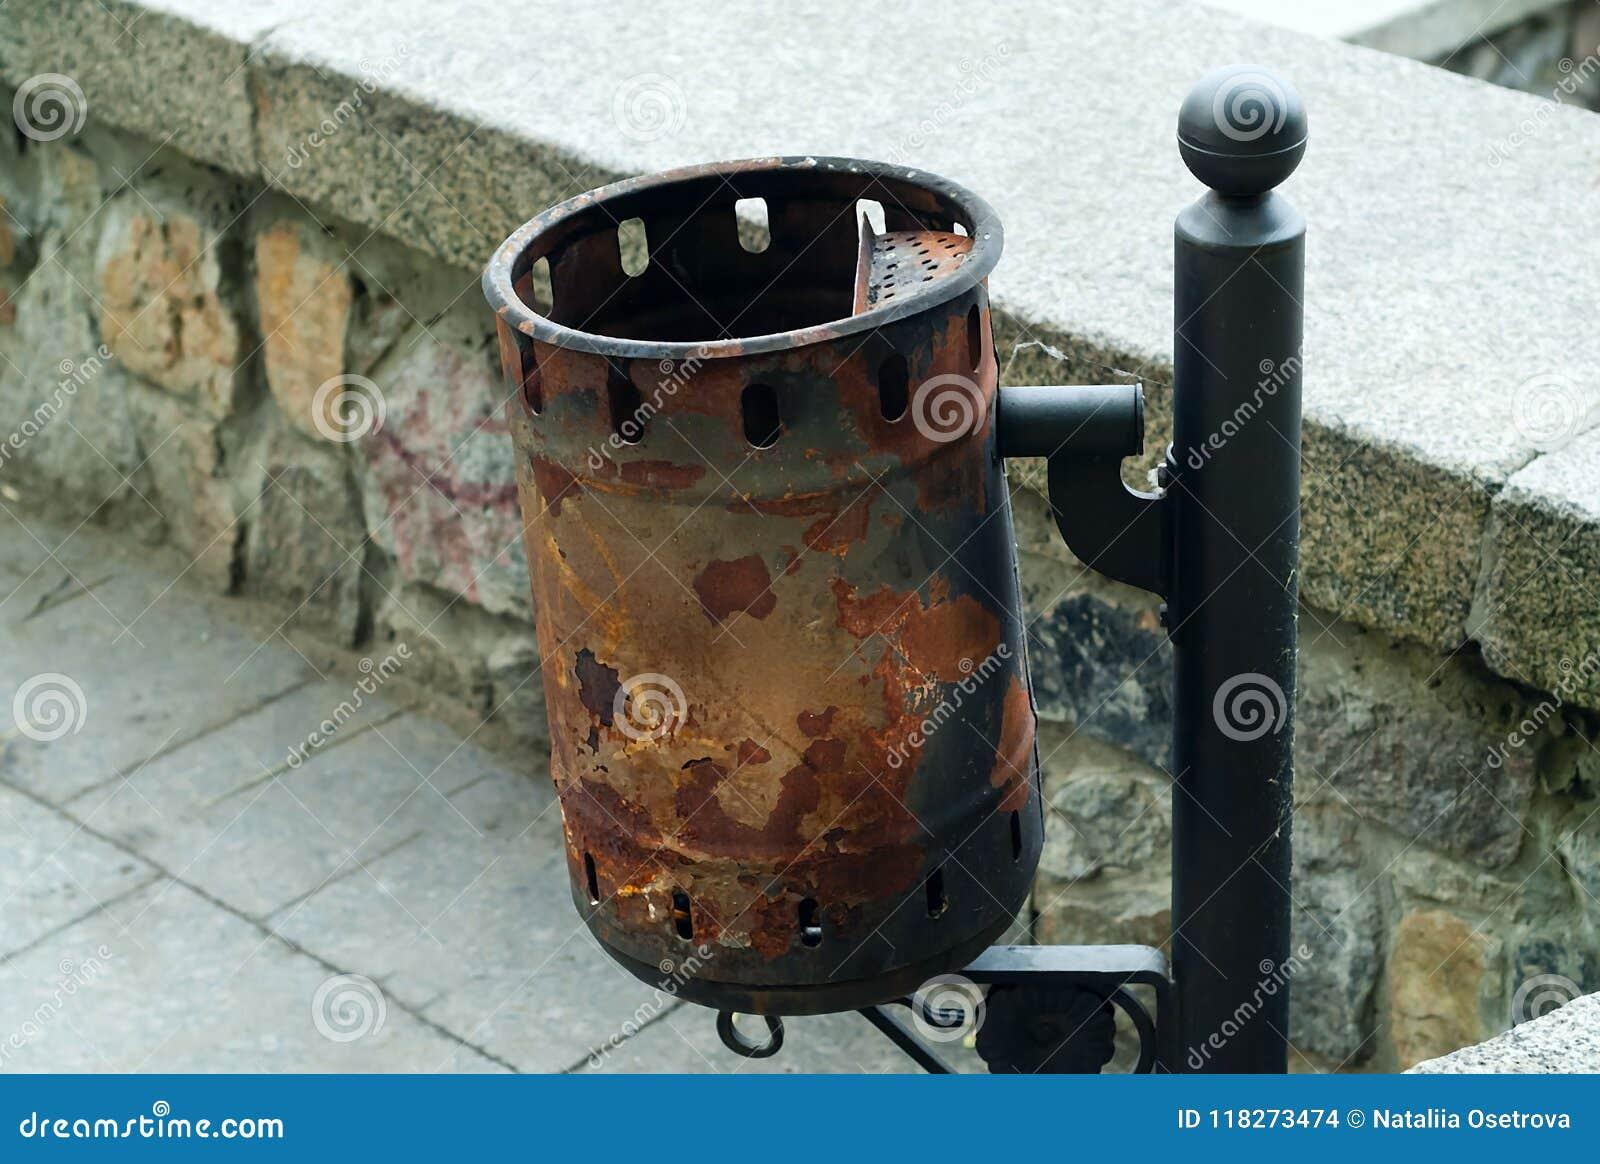 Εκλεκτής ποιότητας δοχείο απορριμμάτων σιδήρου, έννοια των αυθεντικών αντικειμένων